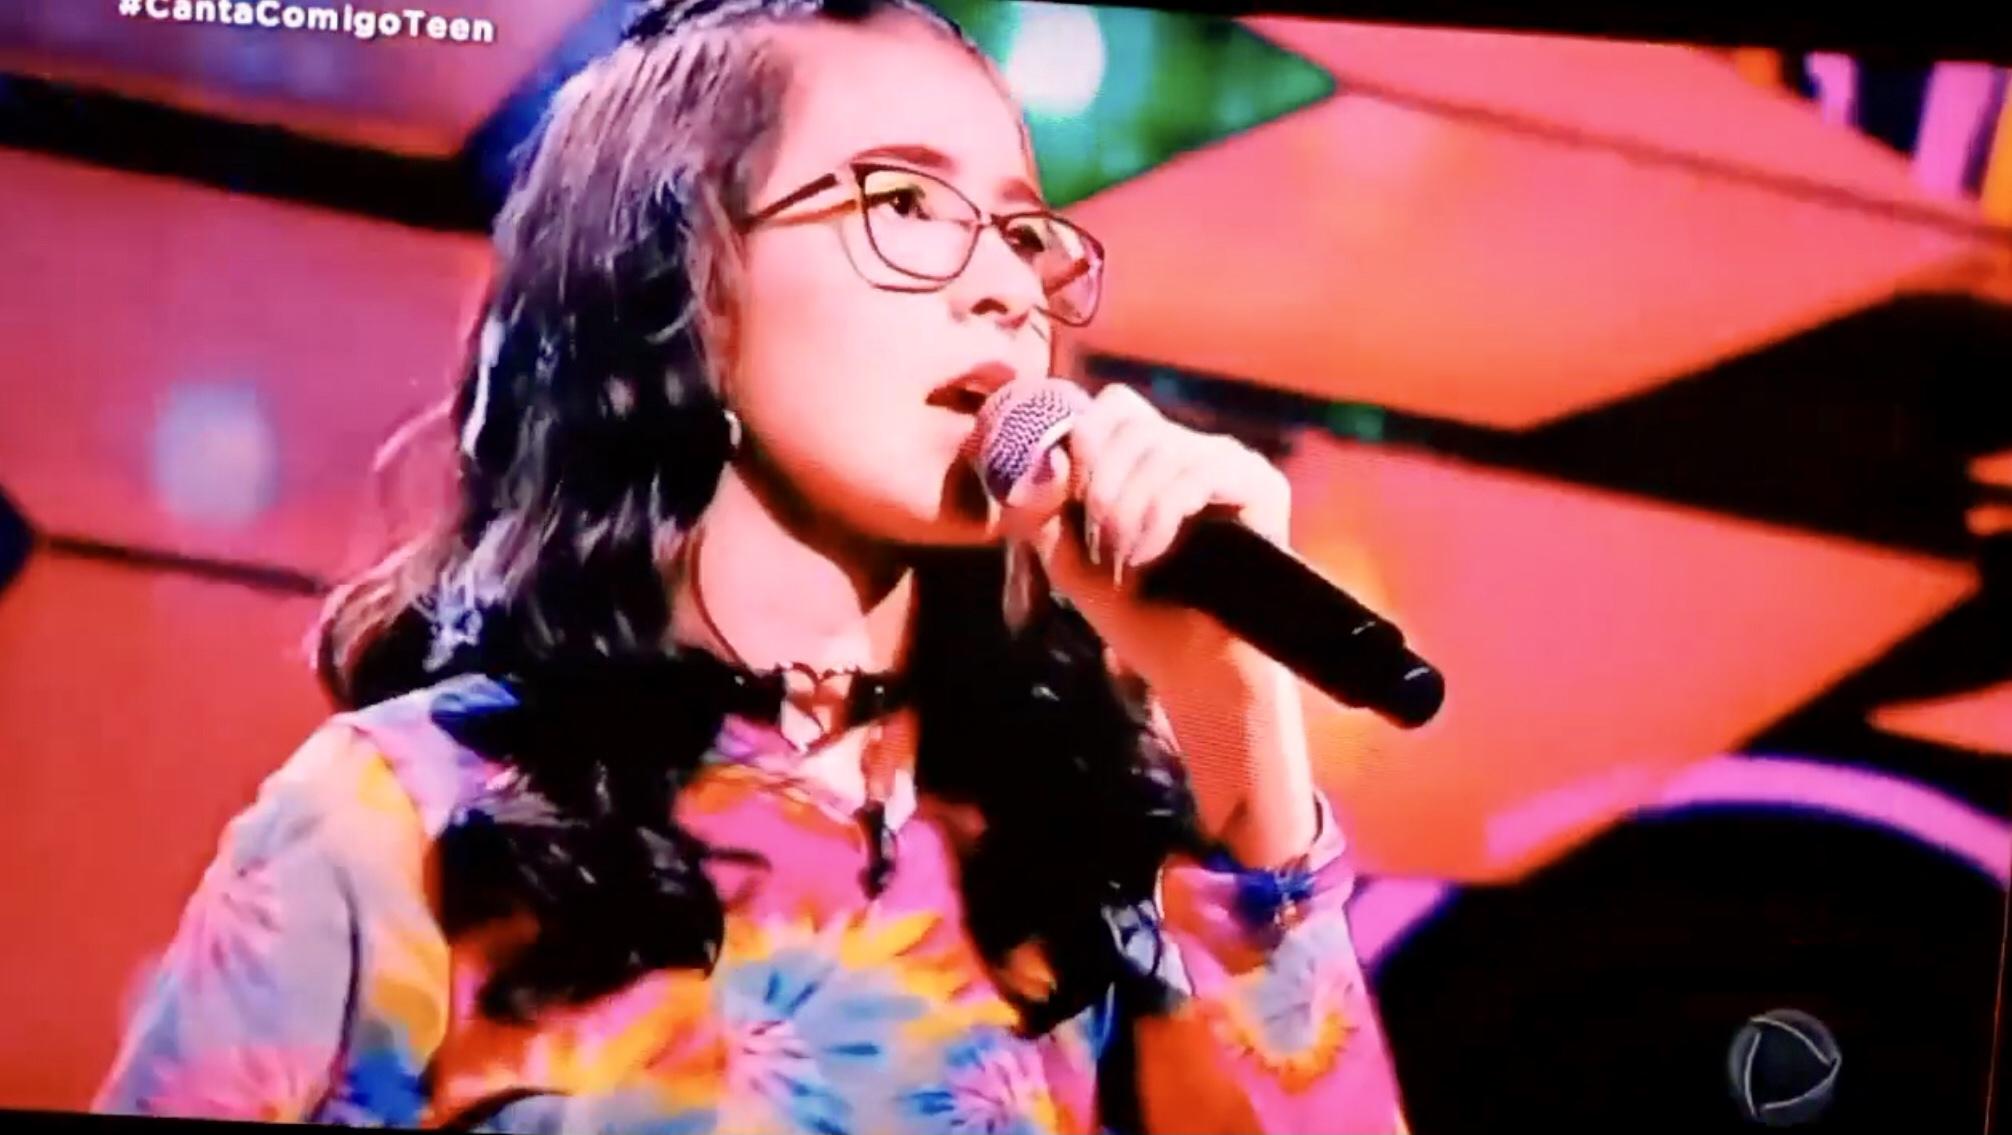 Gabi Azevedo faz lindo show e representa Espumoso no programa Canta Comigo Teen2, na Rede Record